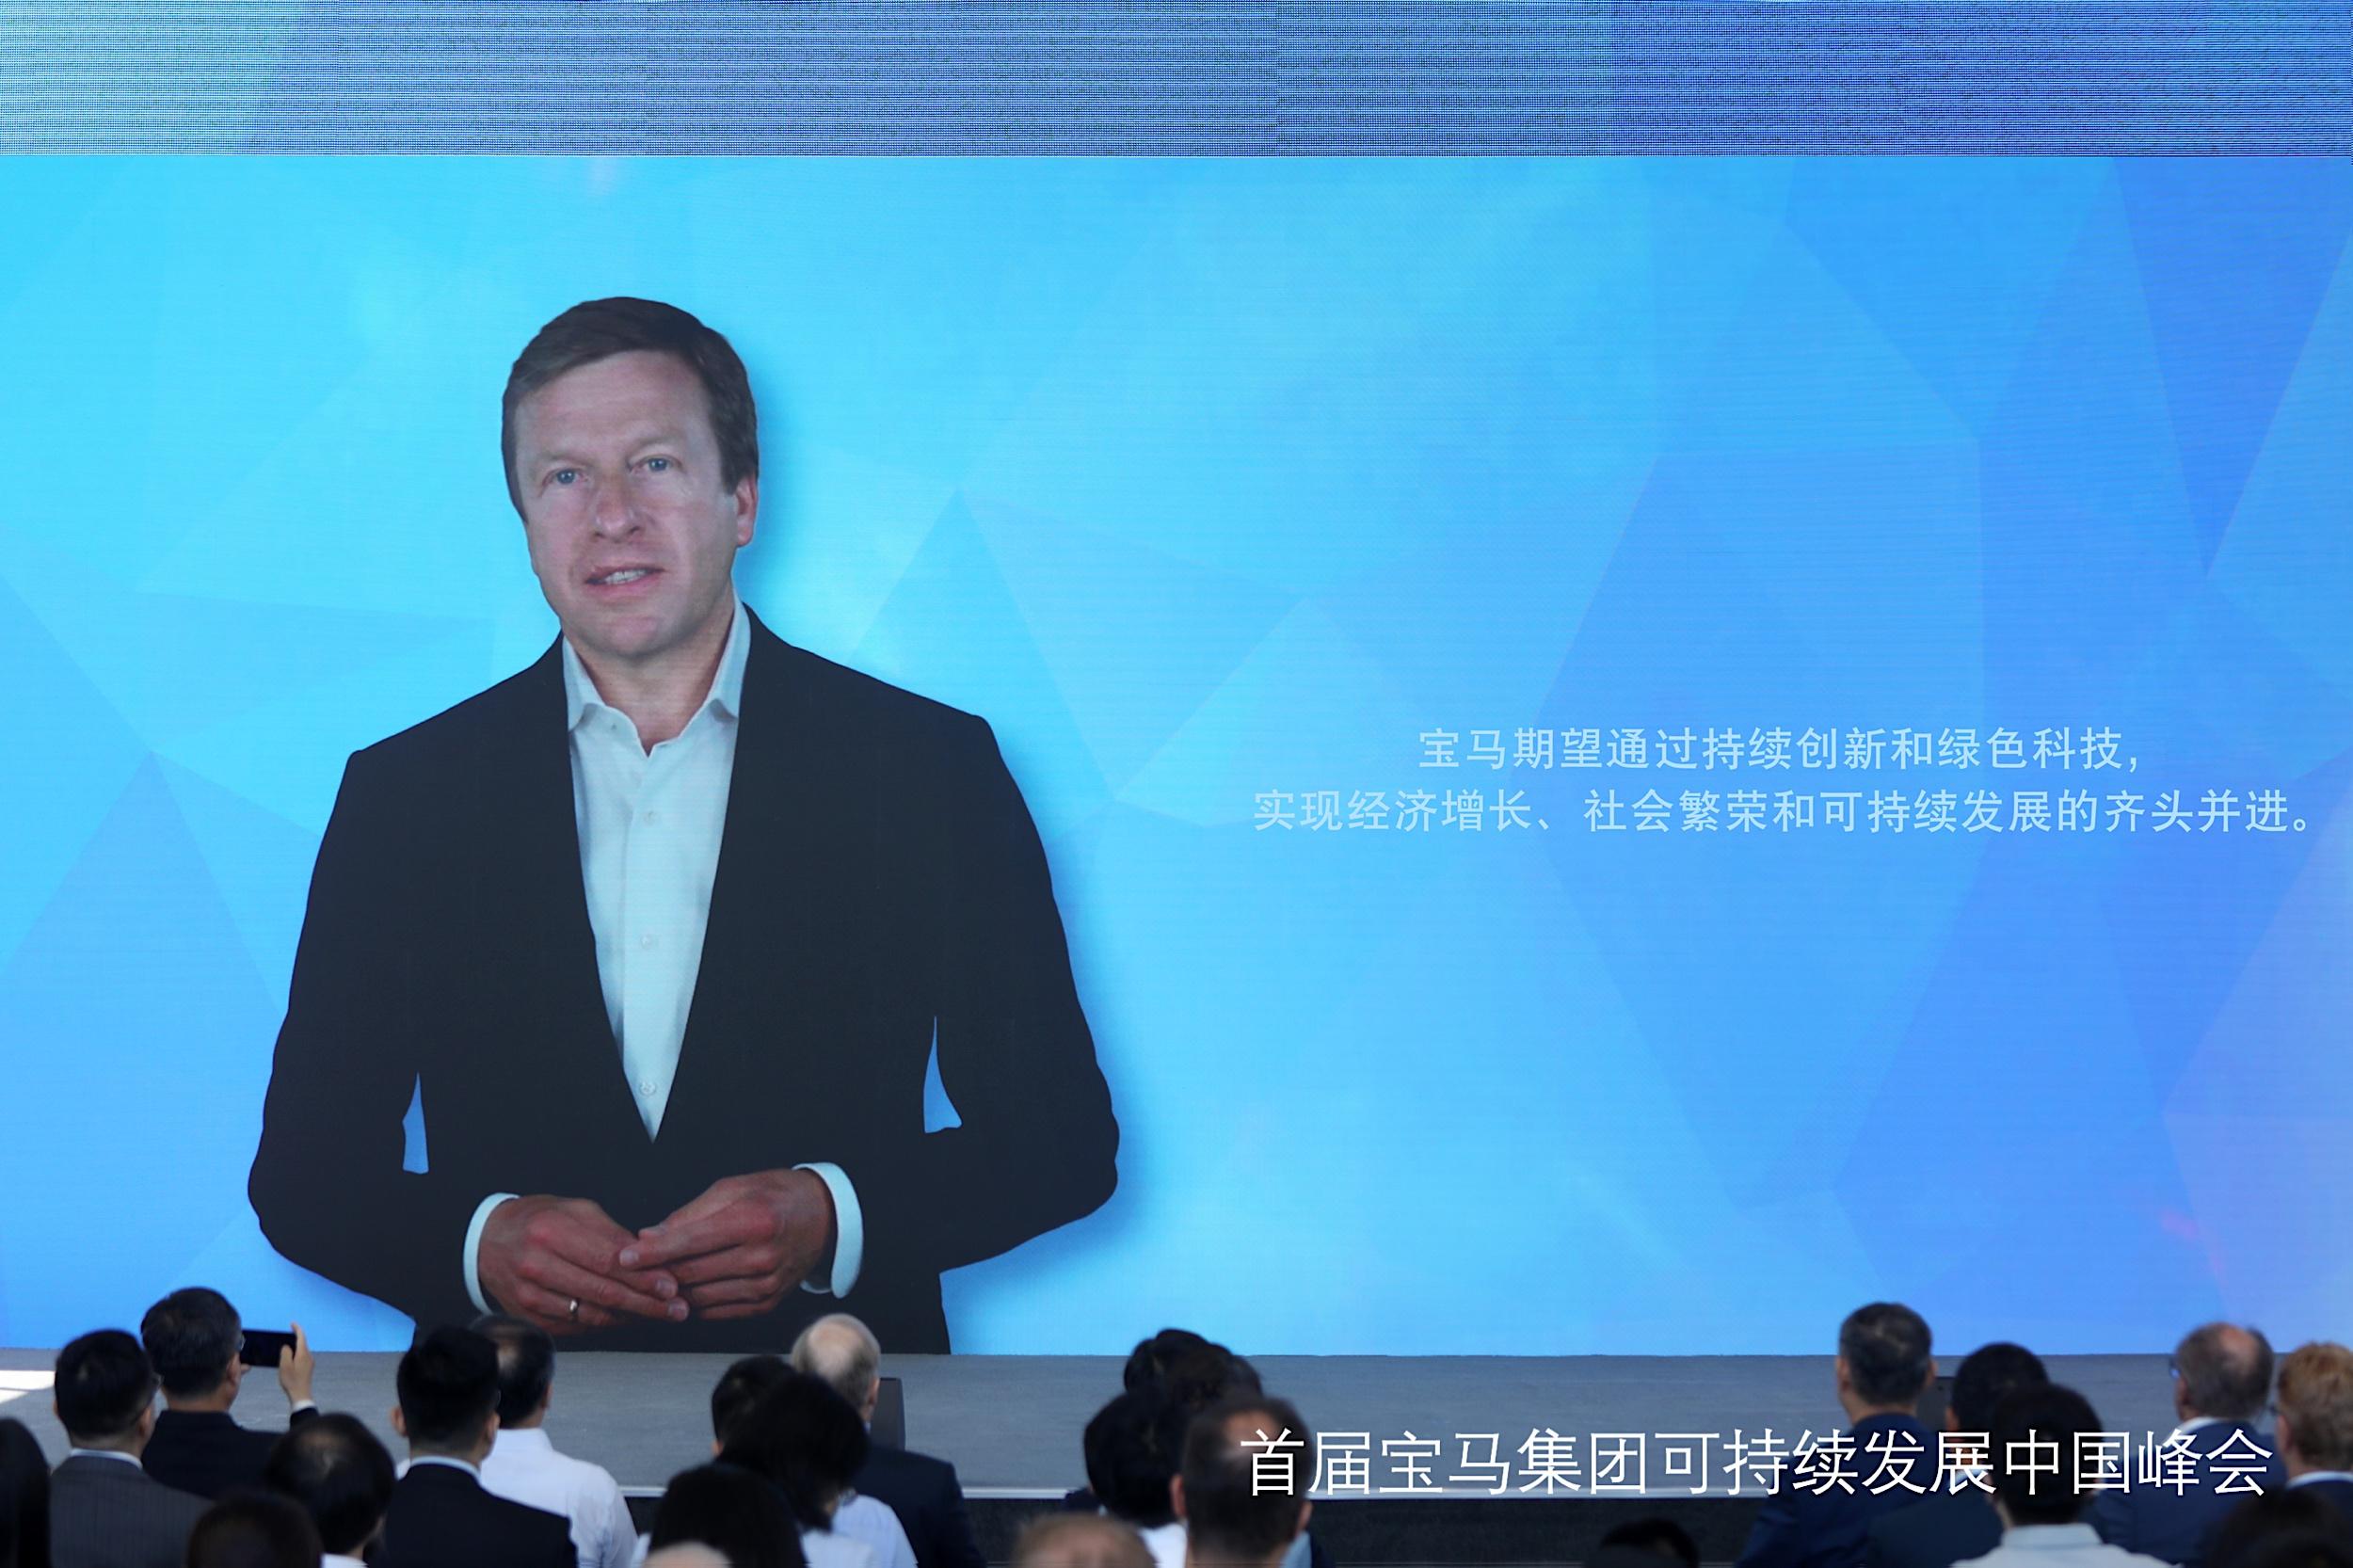 宝马集团董事长齐普策视频致辞